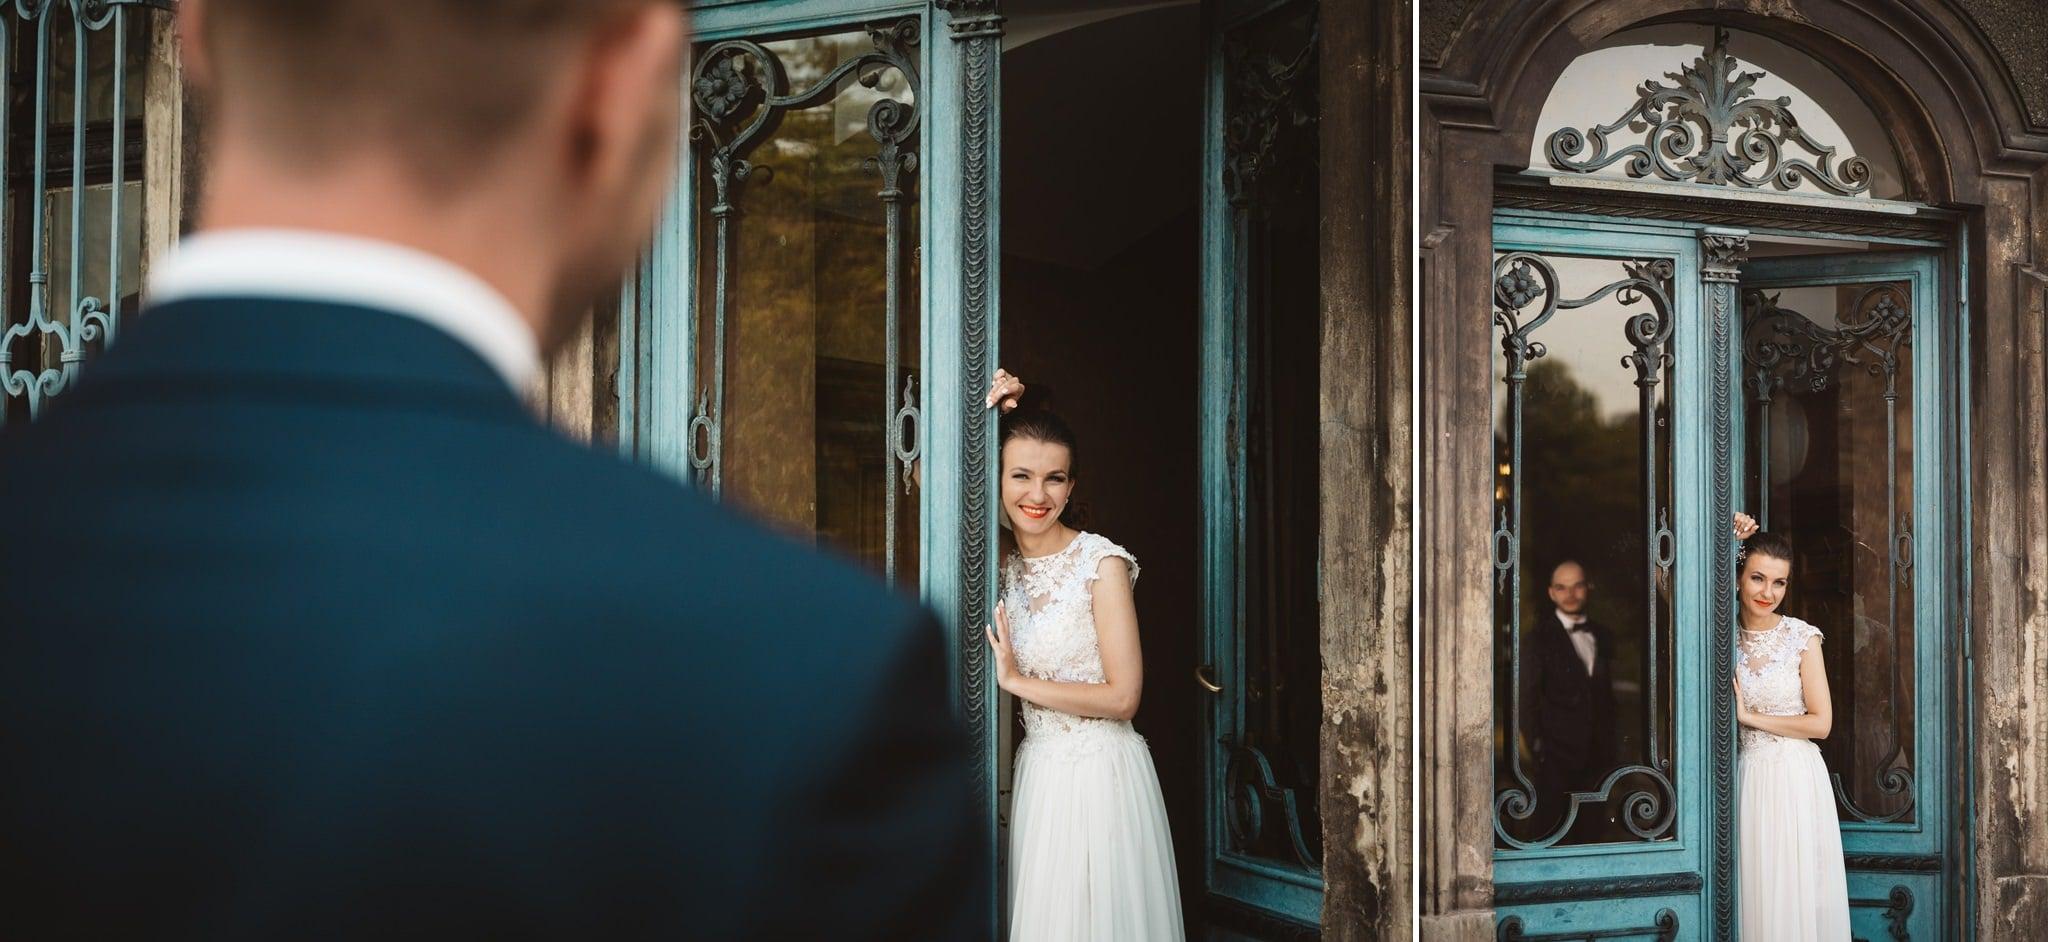 Ala i Arek, czyli jak zorganizować ślub i wesele w 4 tygodnie! 378